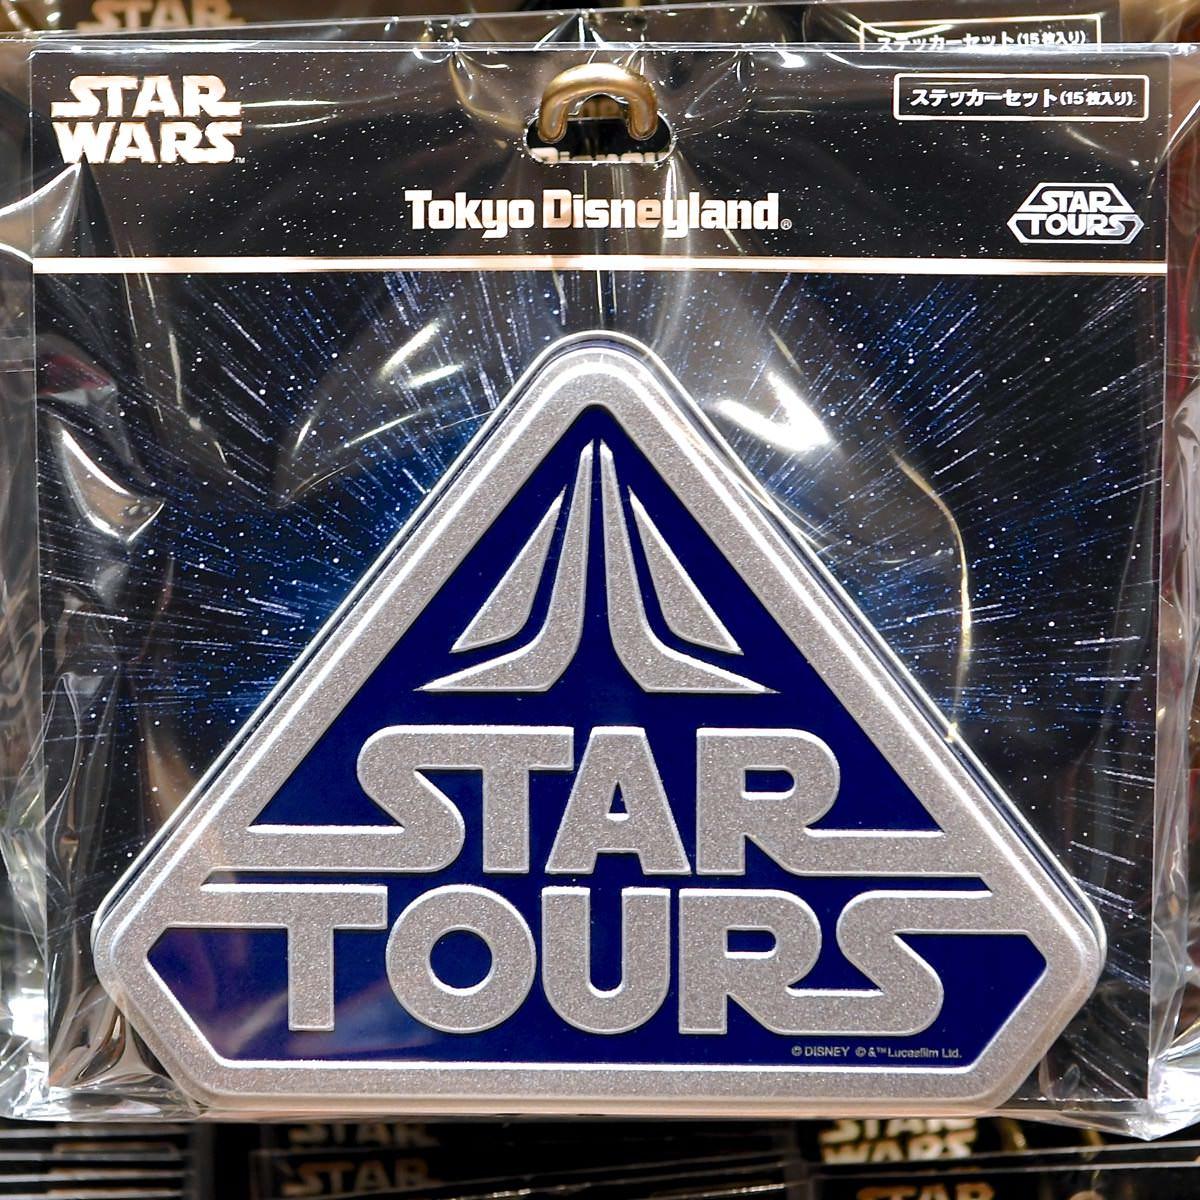 『STAR WARS(スター・ウォーズ)』ステッカーセット